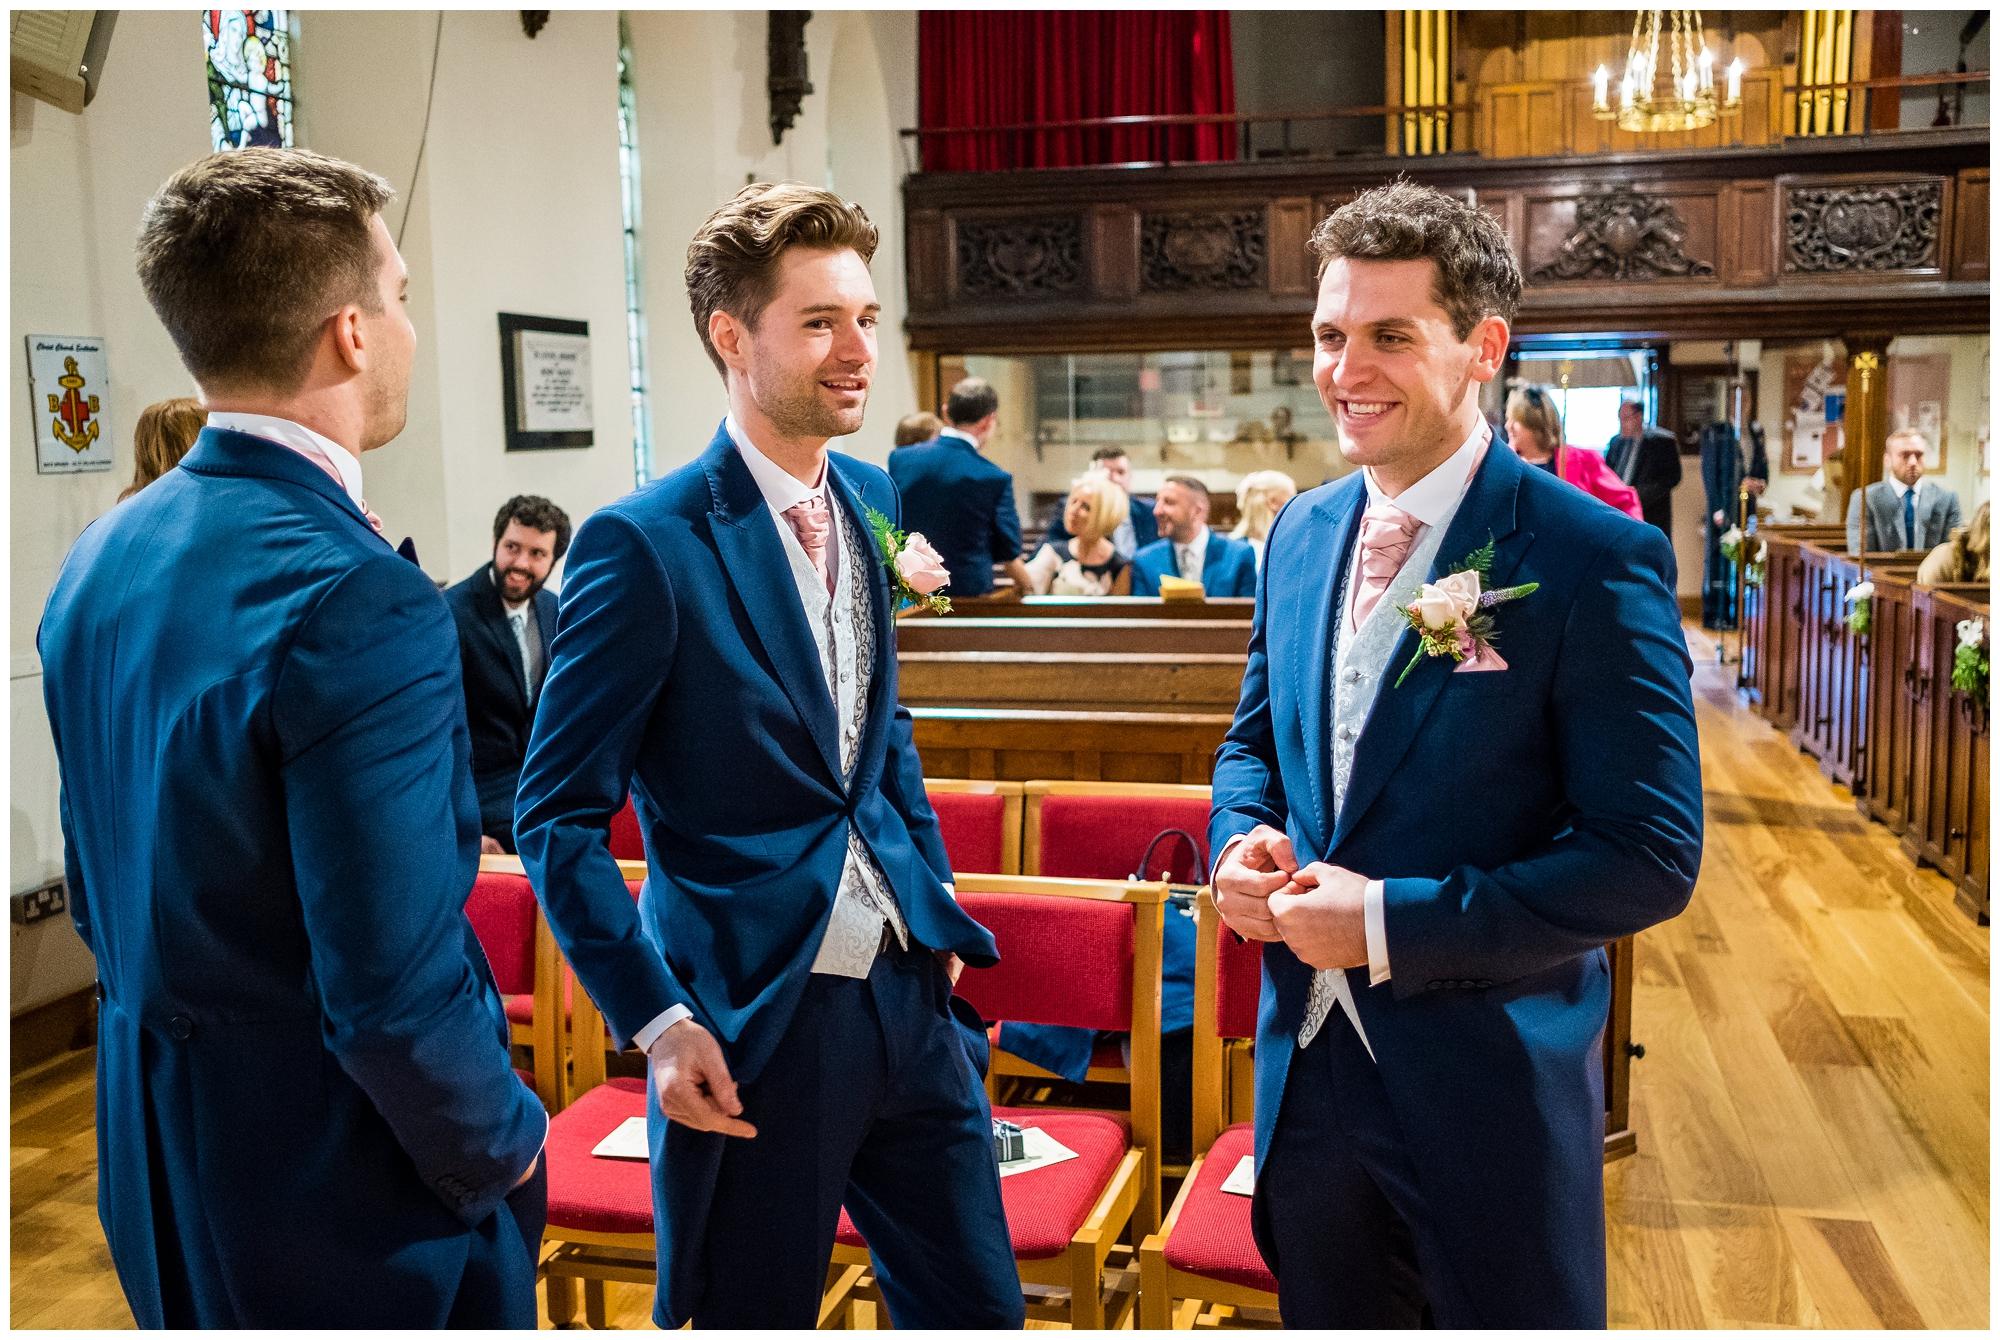 groom waiting with groomsmen